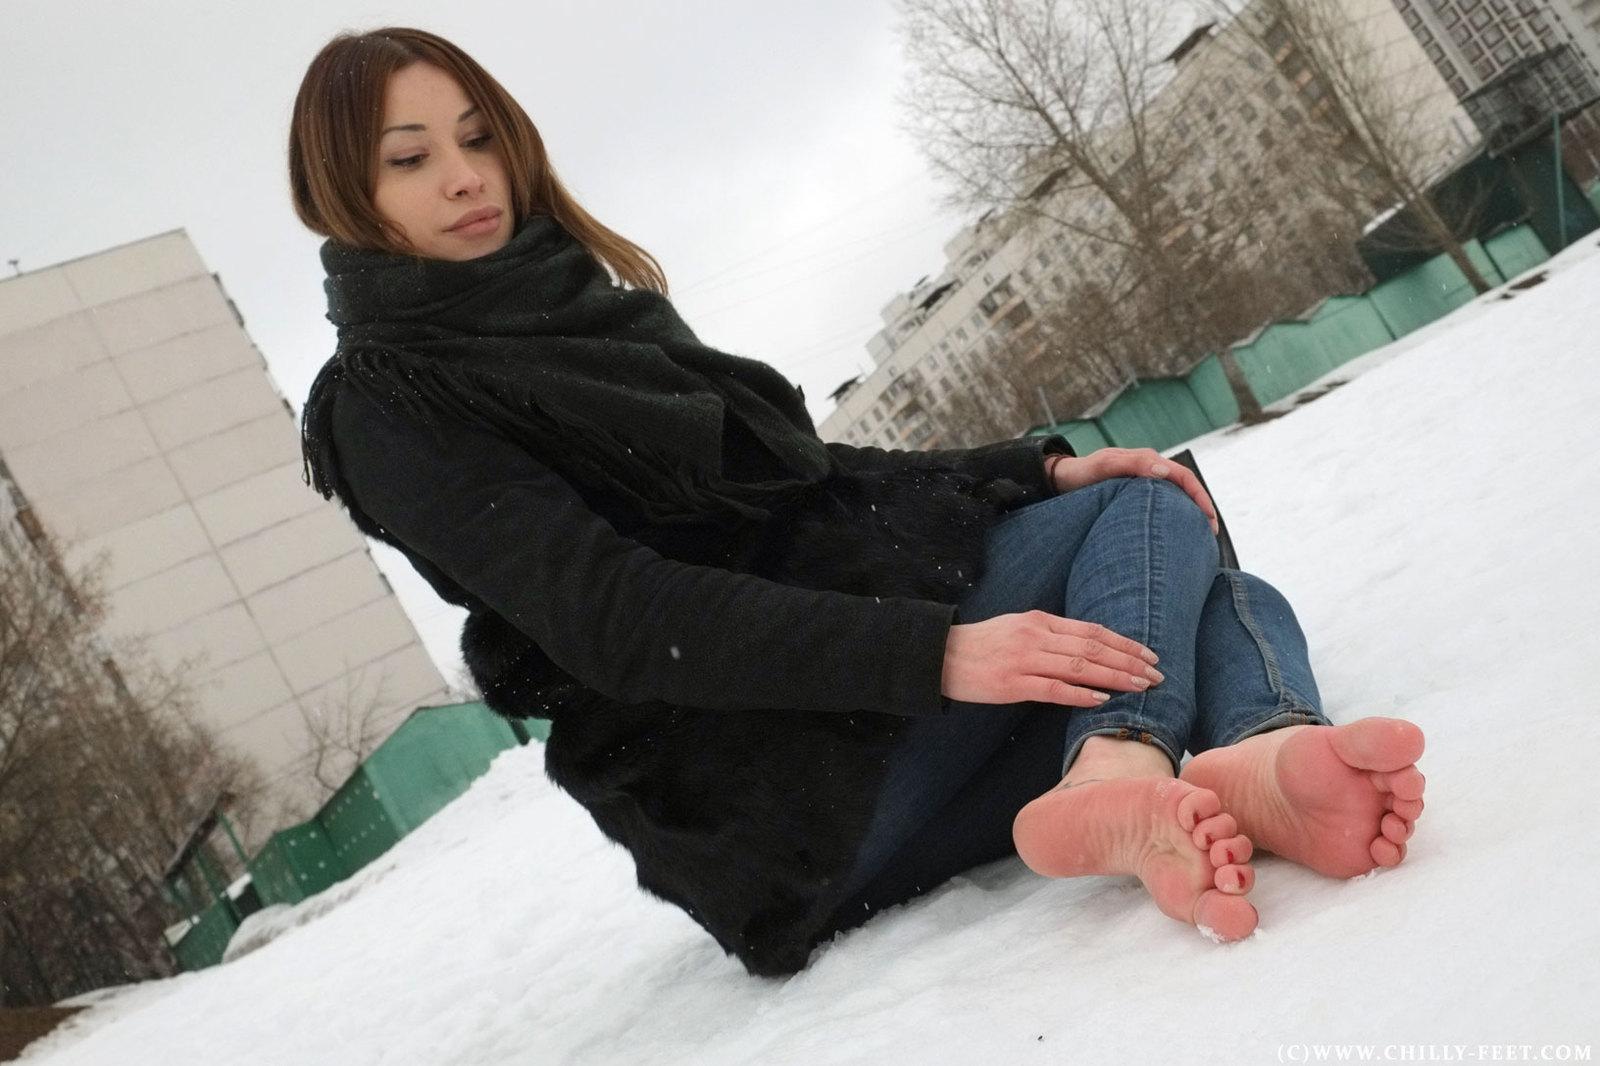 fut-fetish-tseluet-nogi-video-rossiya-katalog-porno-zvezd-v-rossii